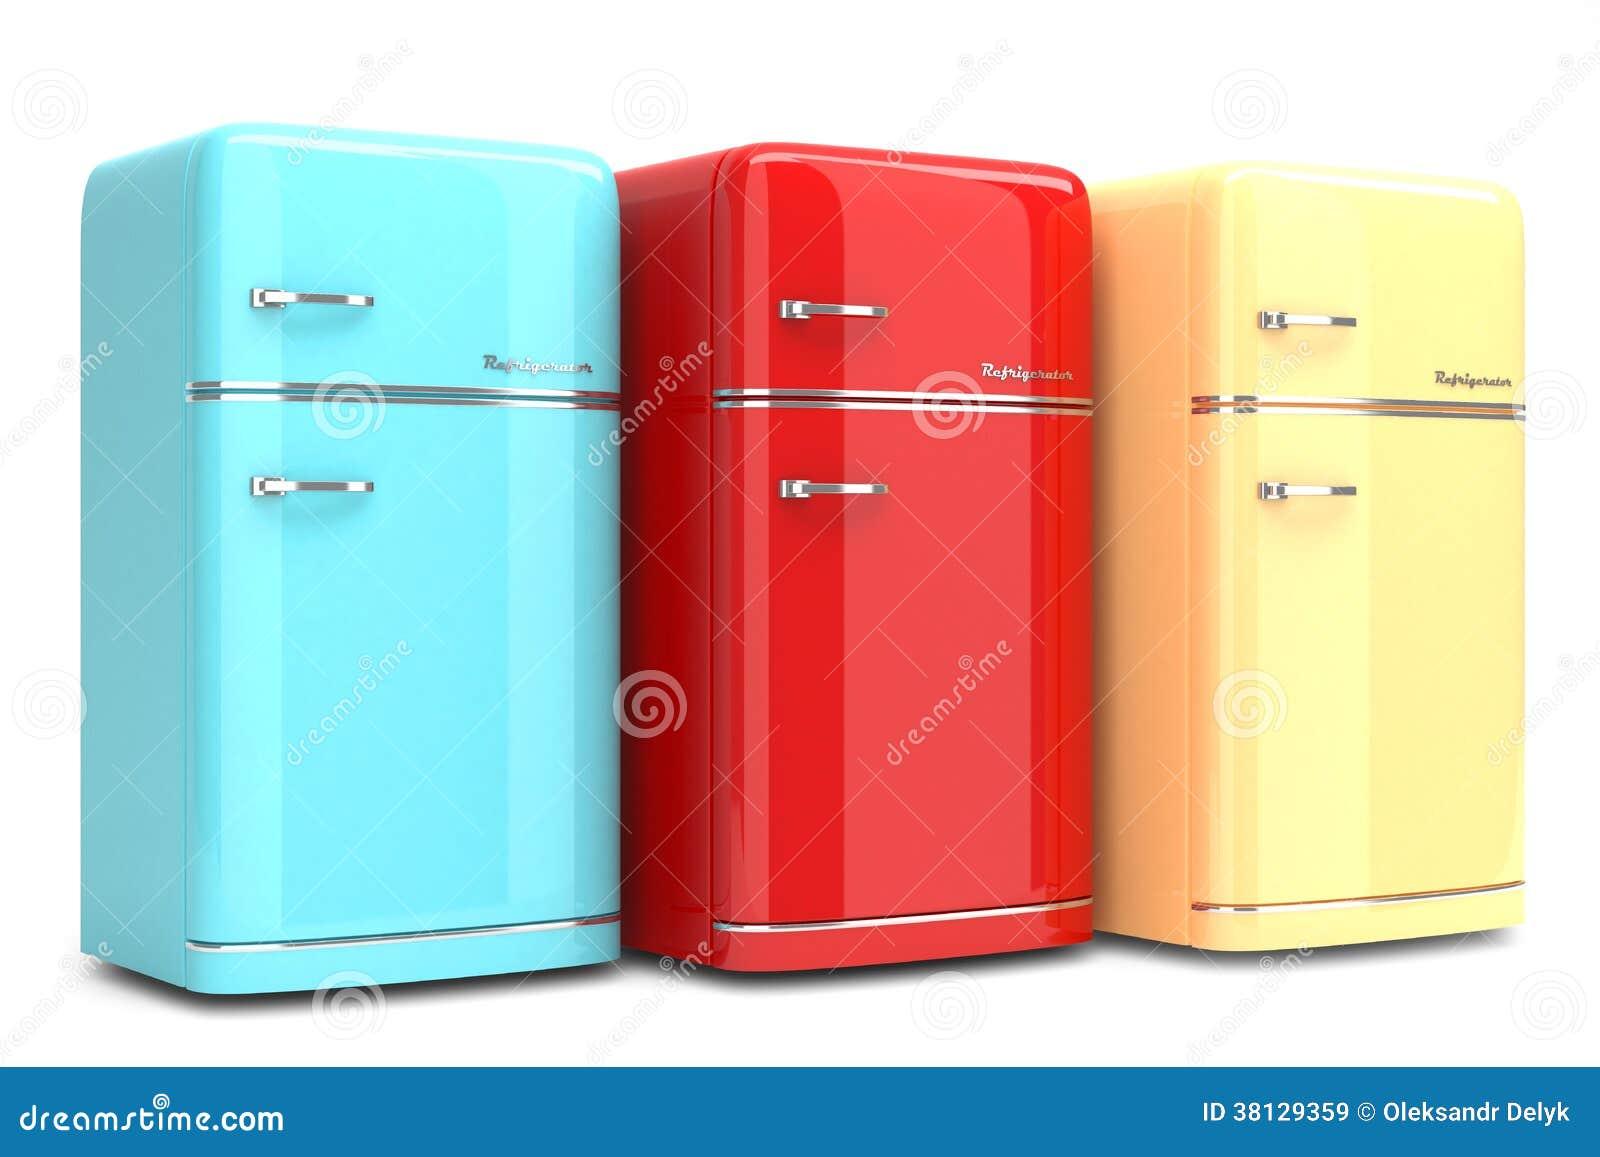 Refrigeradores retros